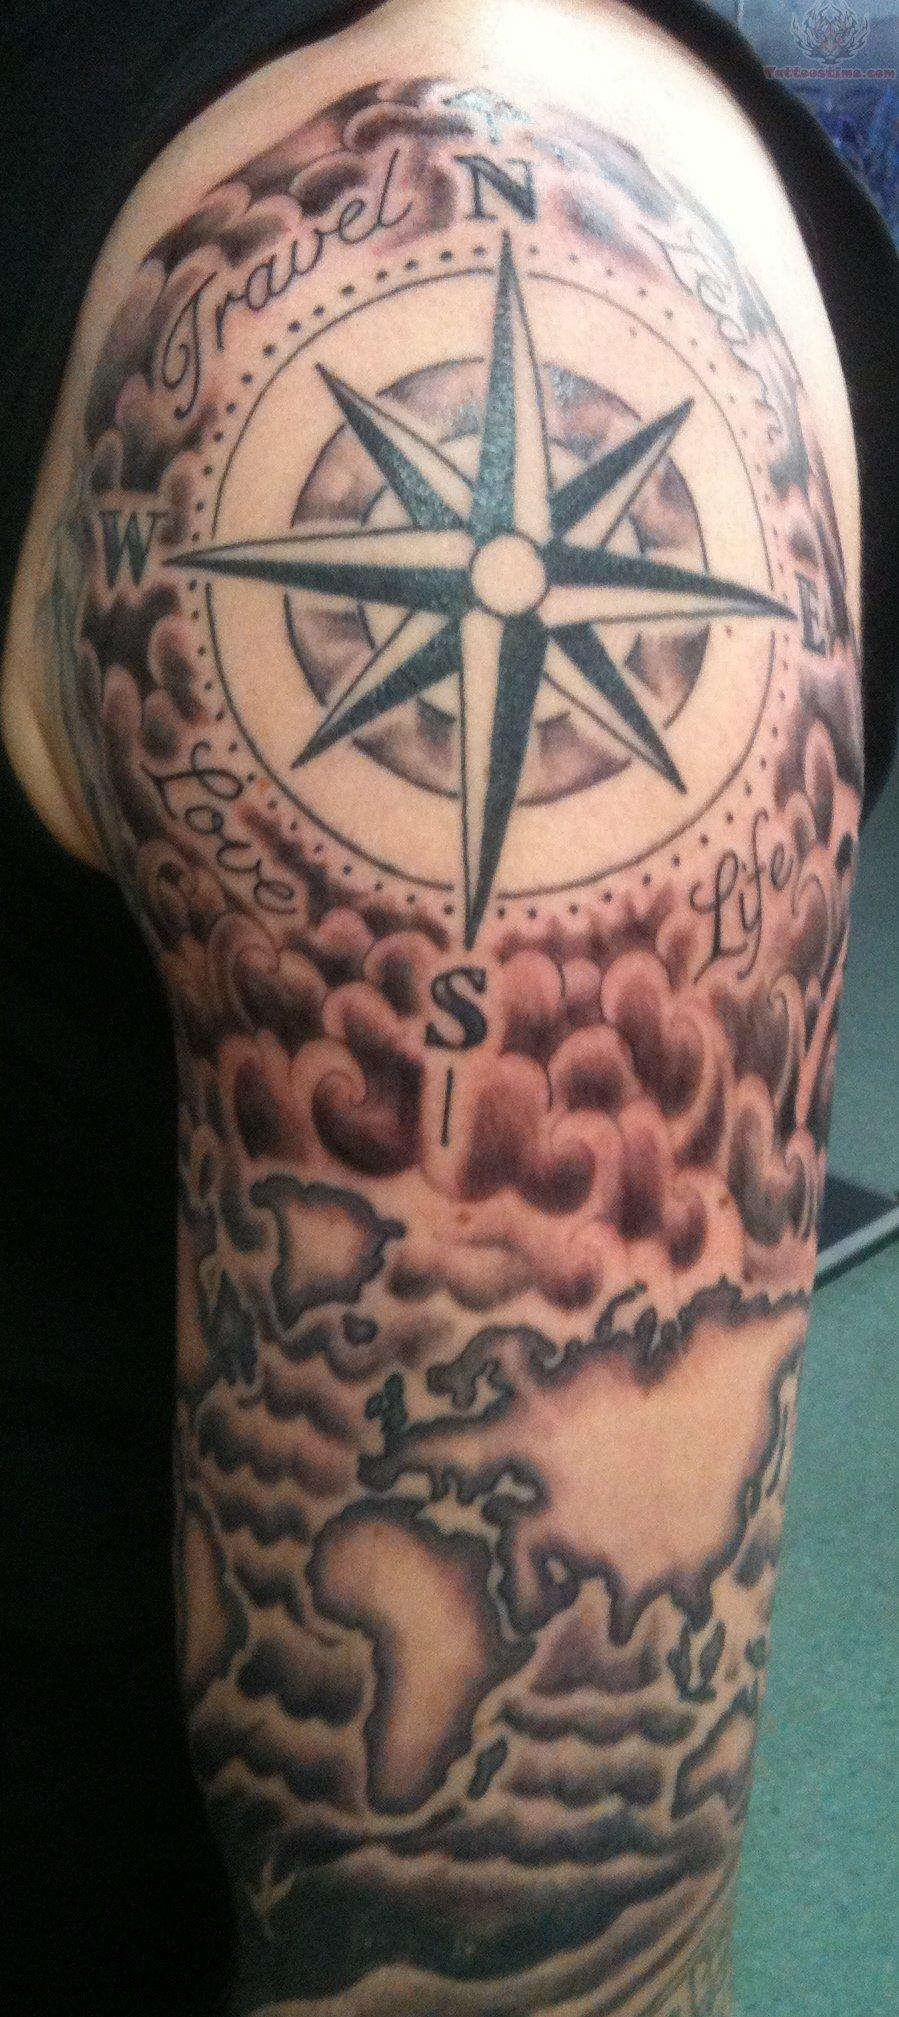 Best Black Tattoo Sleeve Mens: Sleeve Tattoo Images & Designs